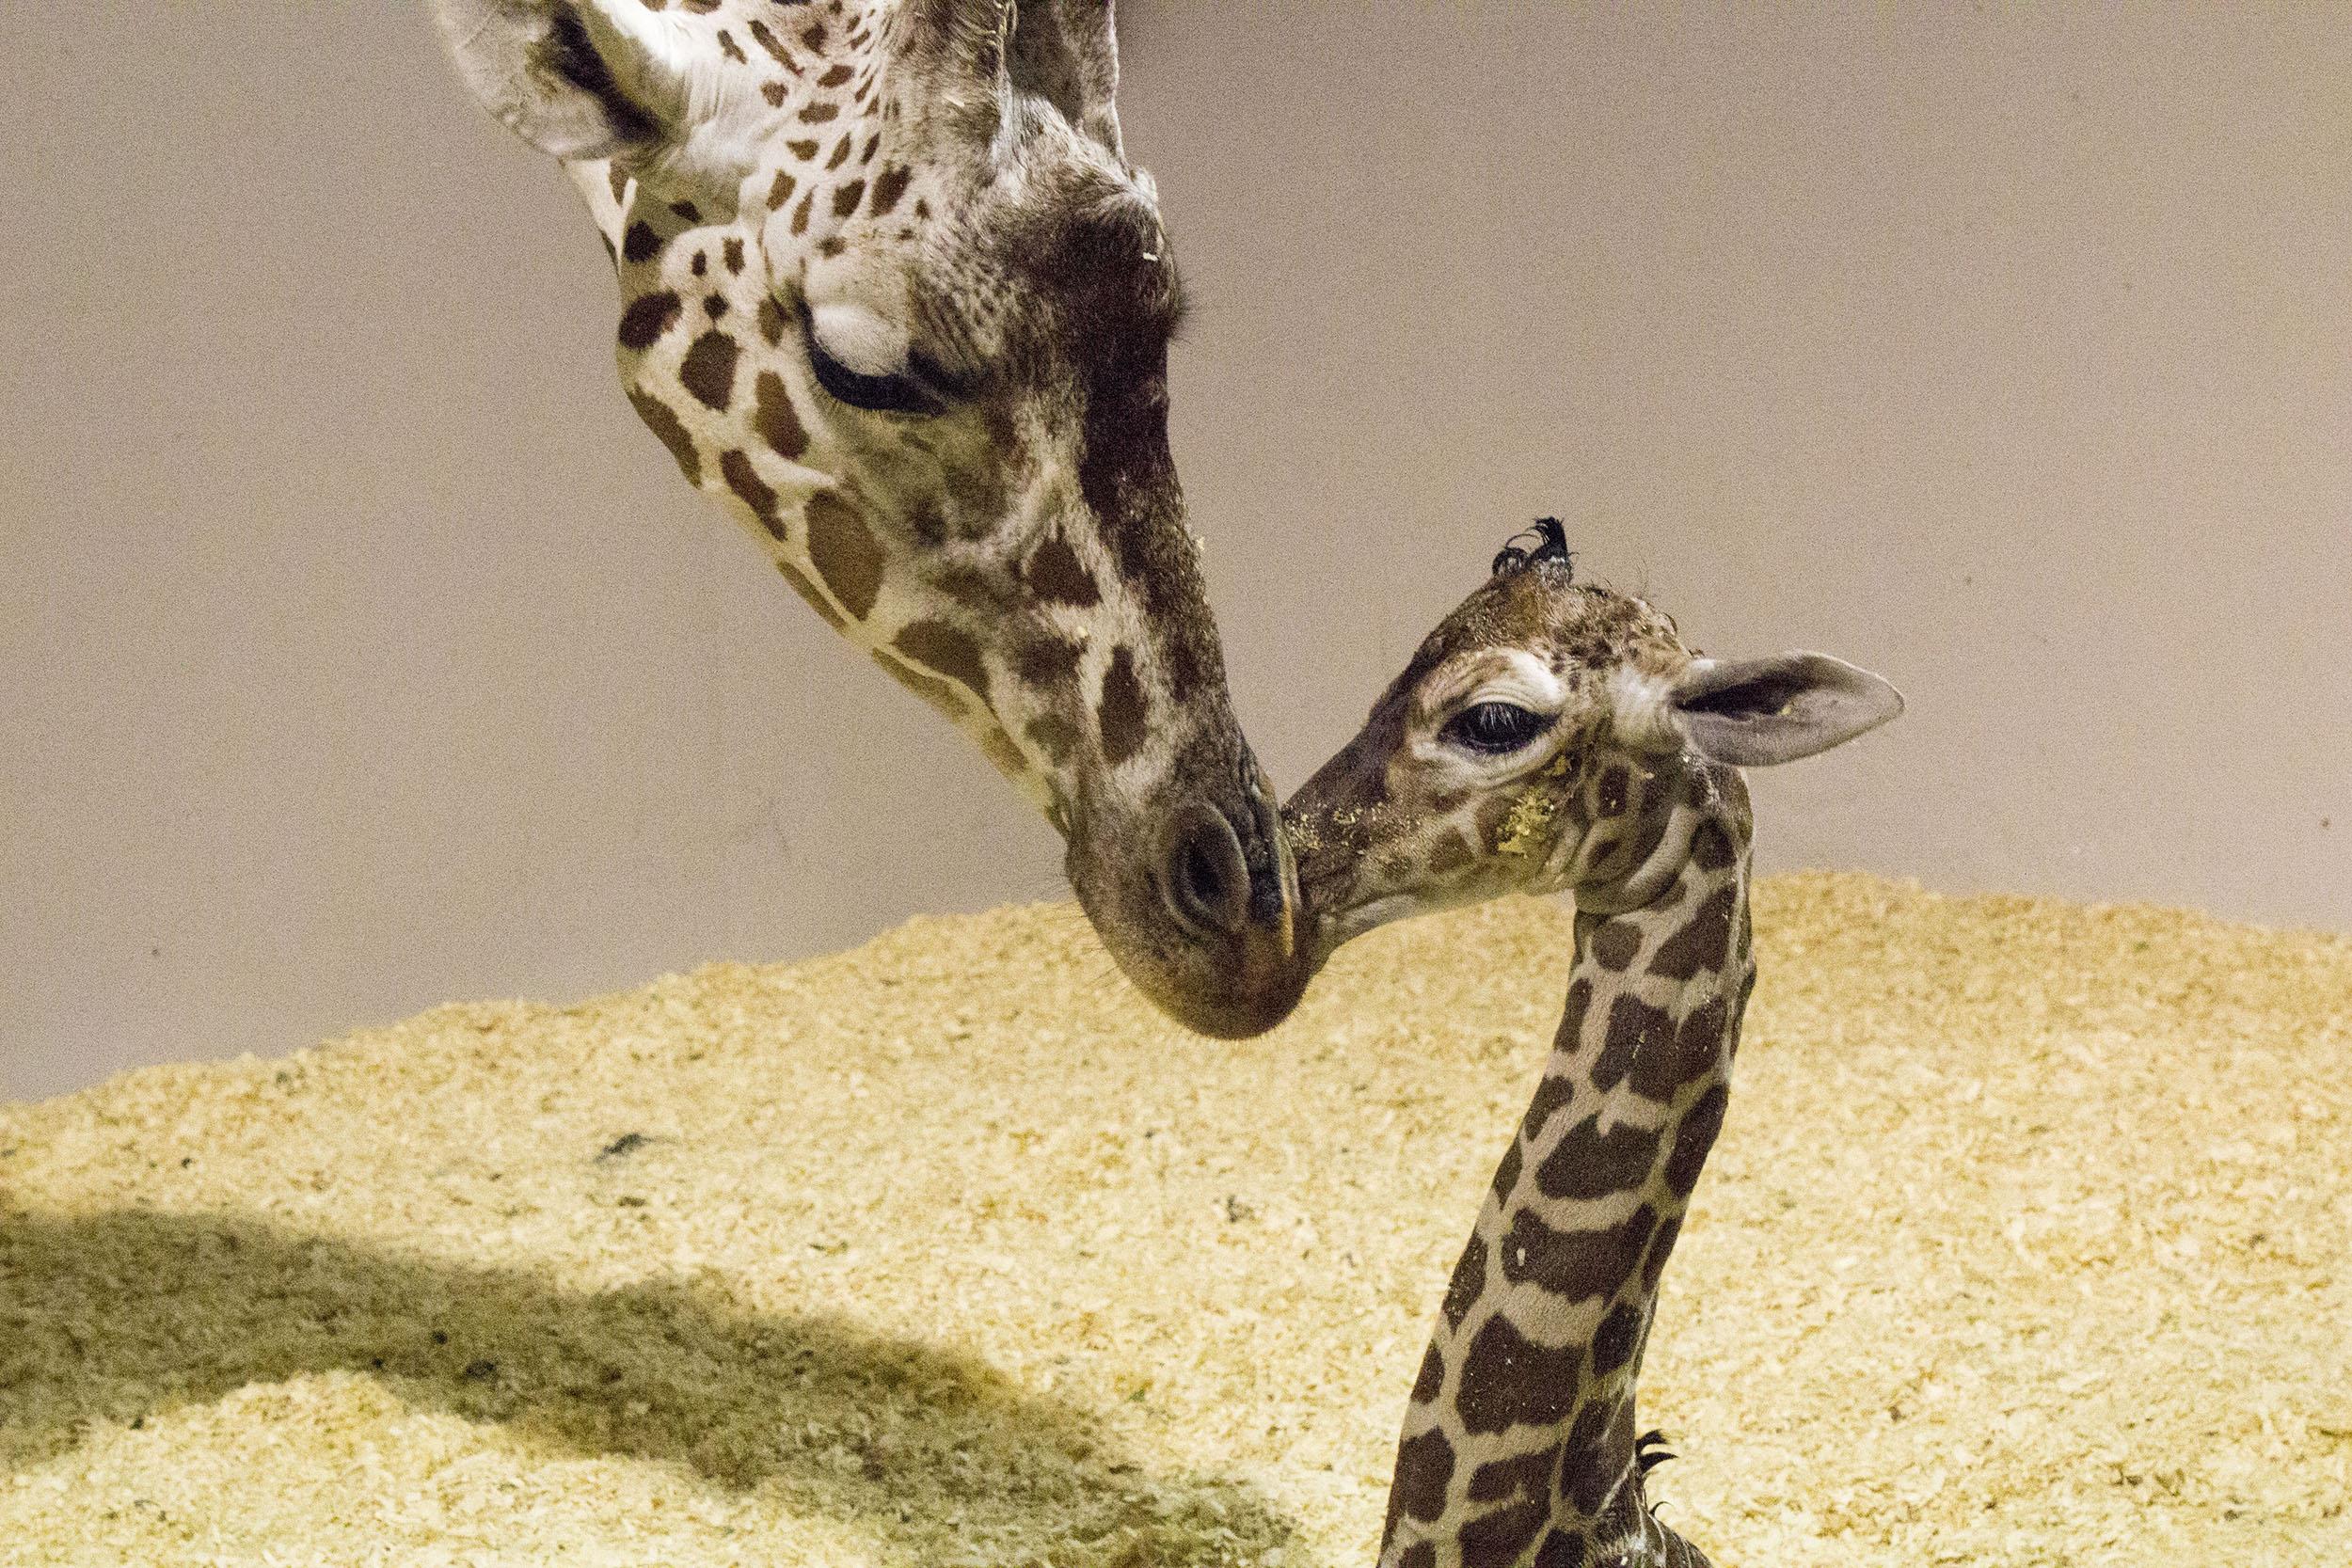 mom and newborn baby giraffe at Topeka Zoo